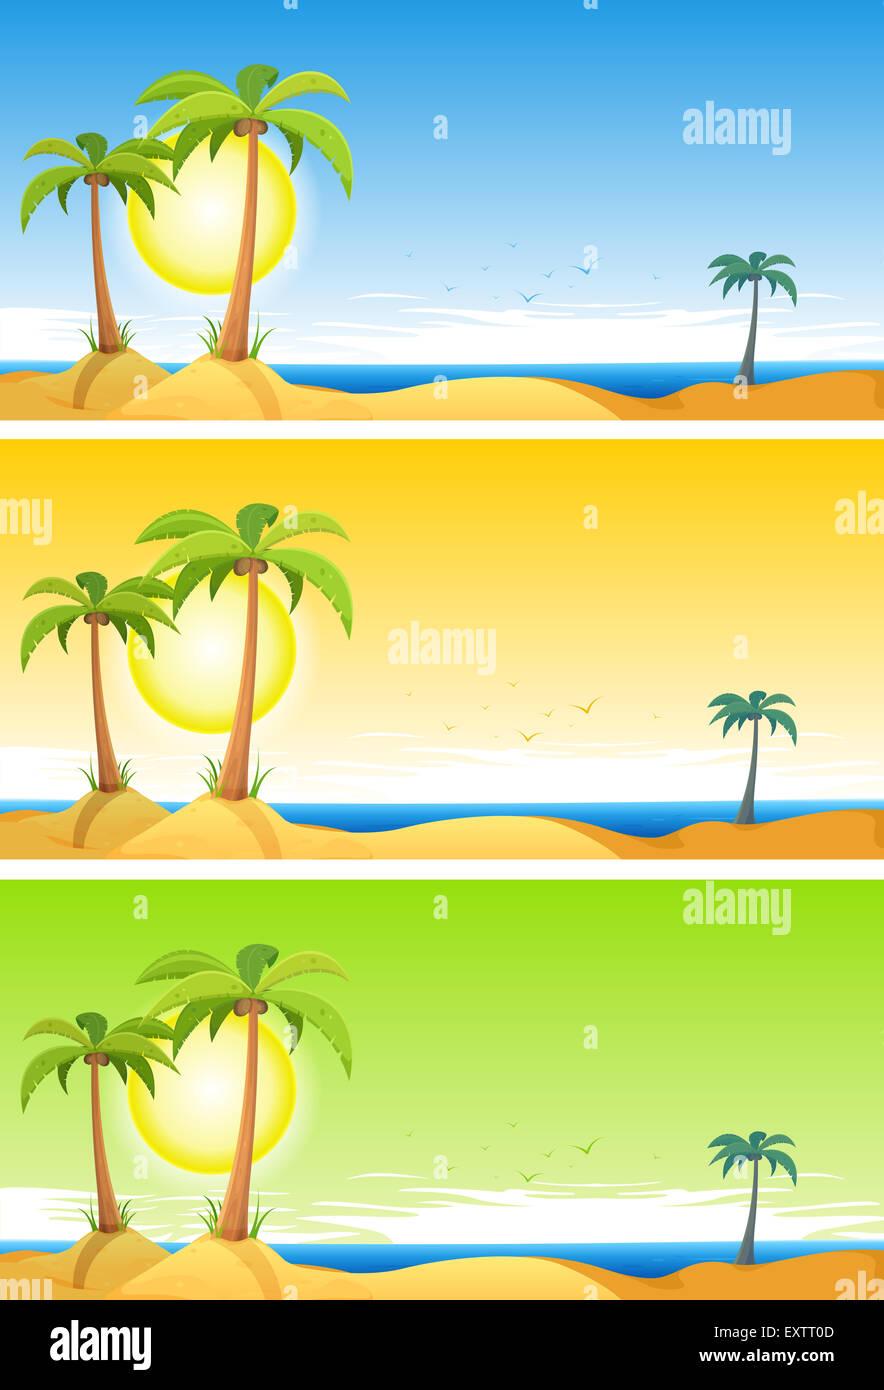 Schön Tropischen Strand Malvorlagen Fotos - Malvorlagen Ideen ...